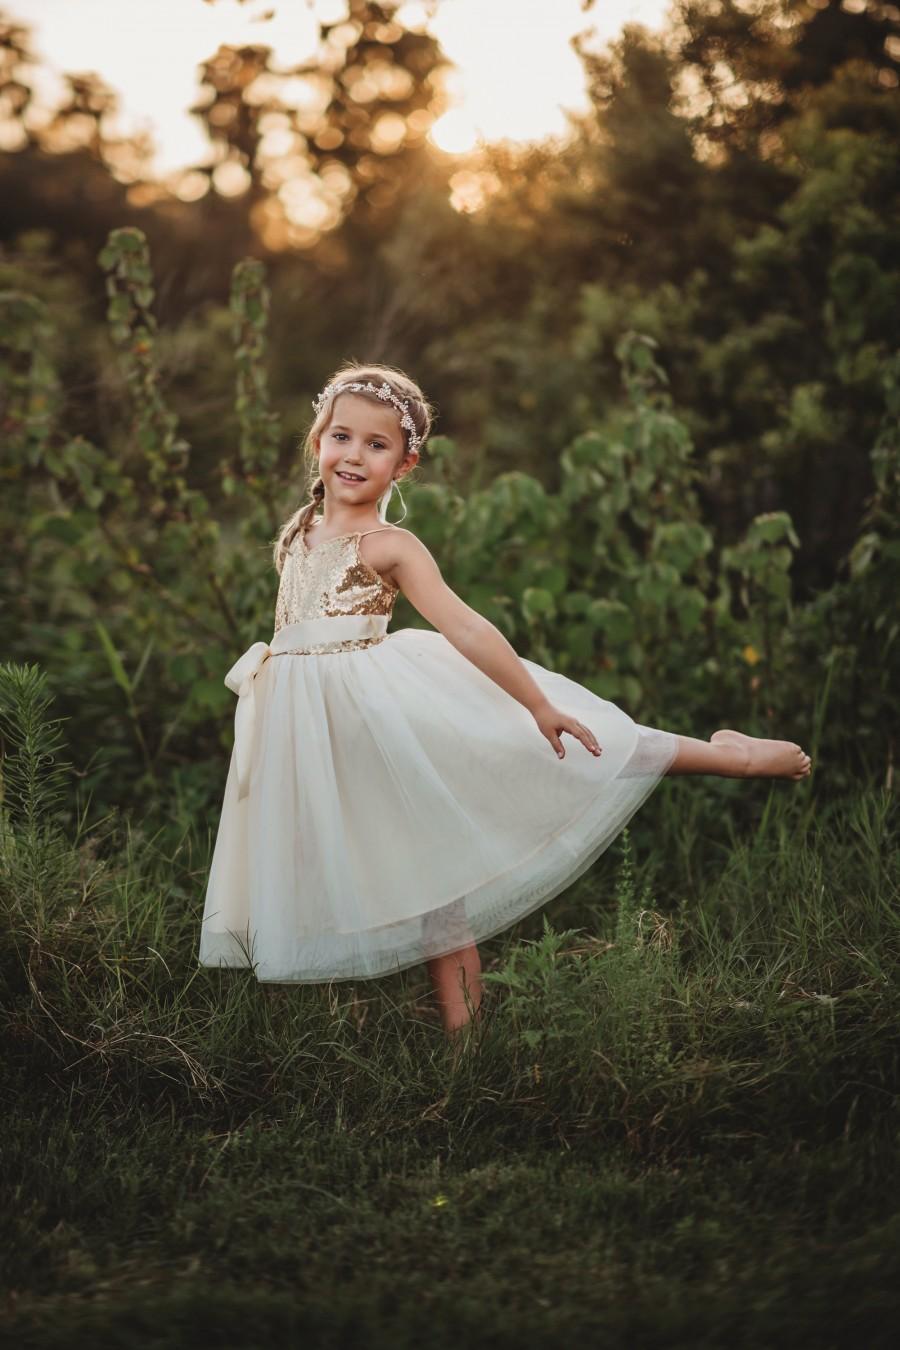 Wedding - Gold sequin dress,flower girl dress,ivory girls dress,junior bridesmaid dresses,dress with sequins,fancy girls dress,birthday girl dress